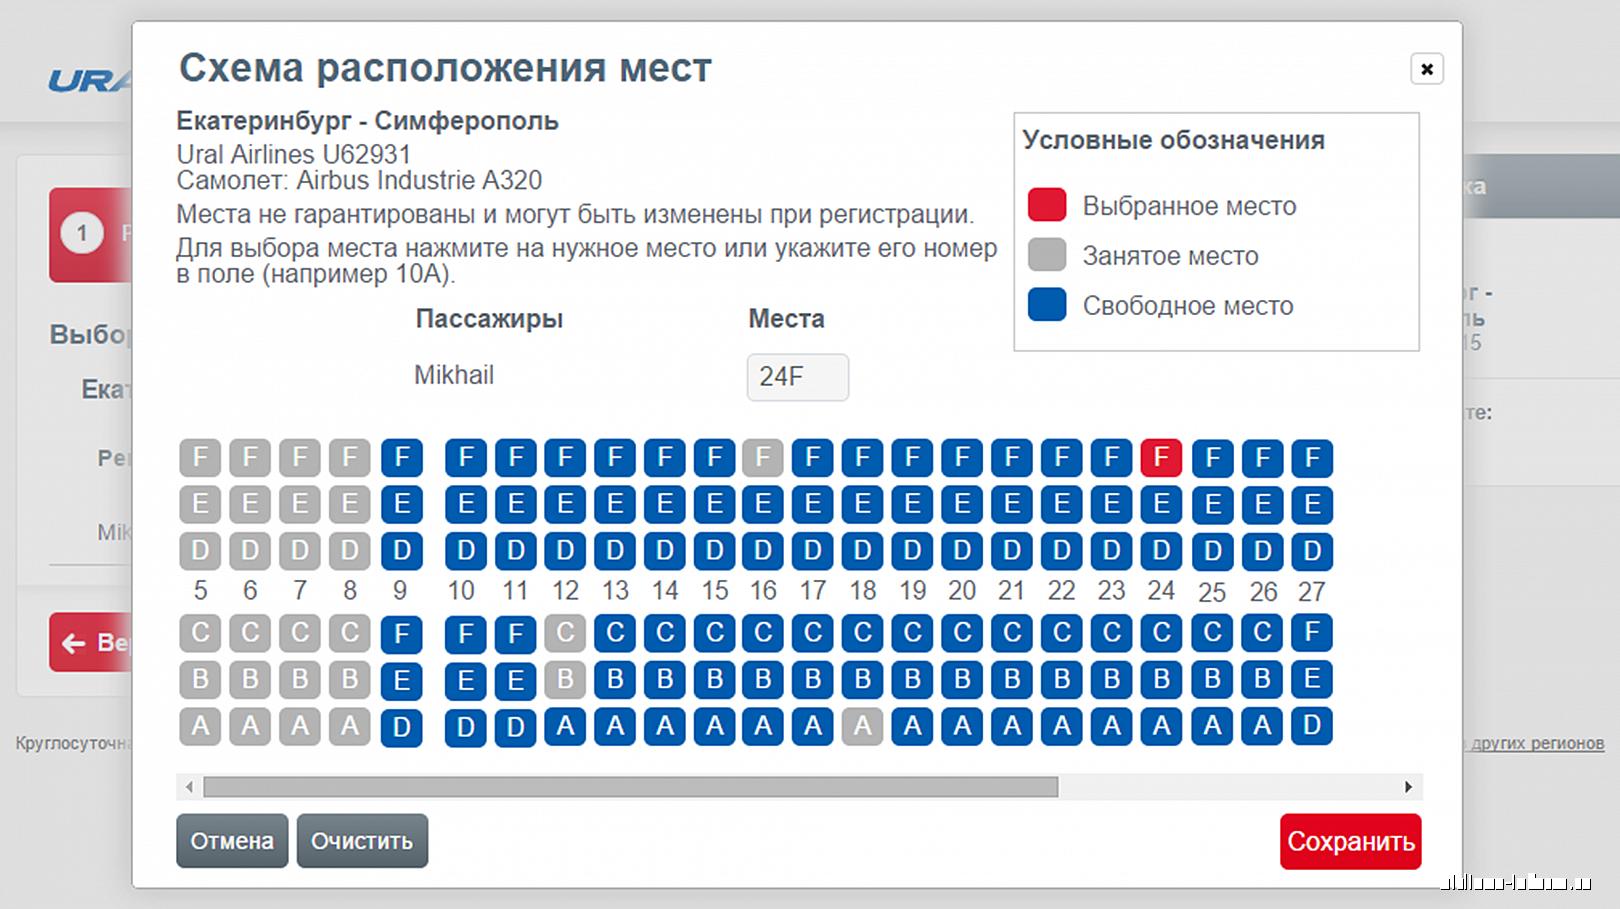 Как потратить бонусы Уральские авиалинии